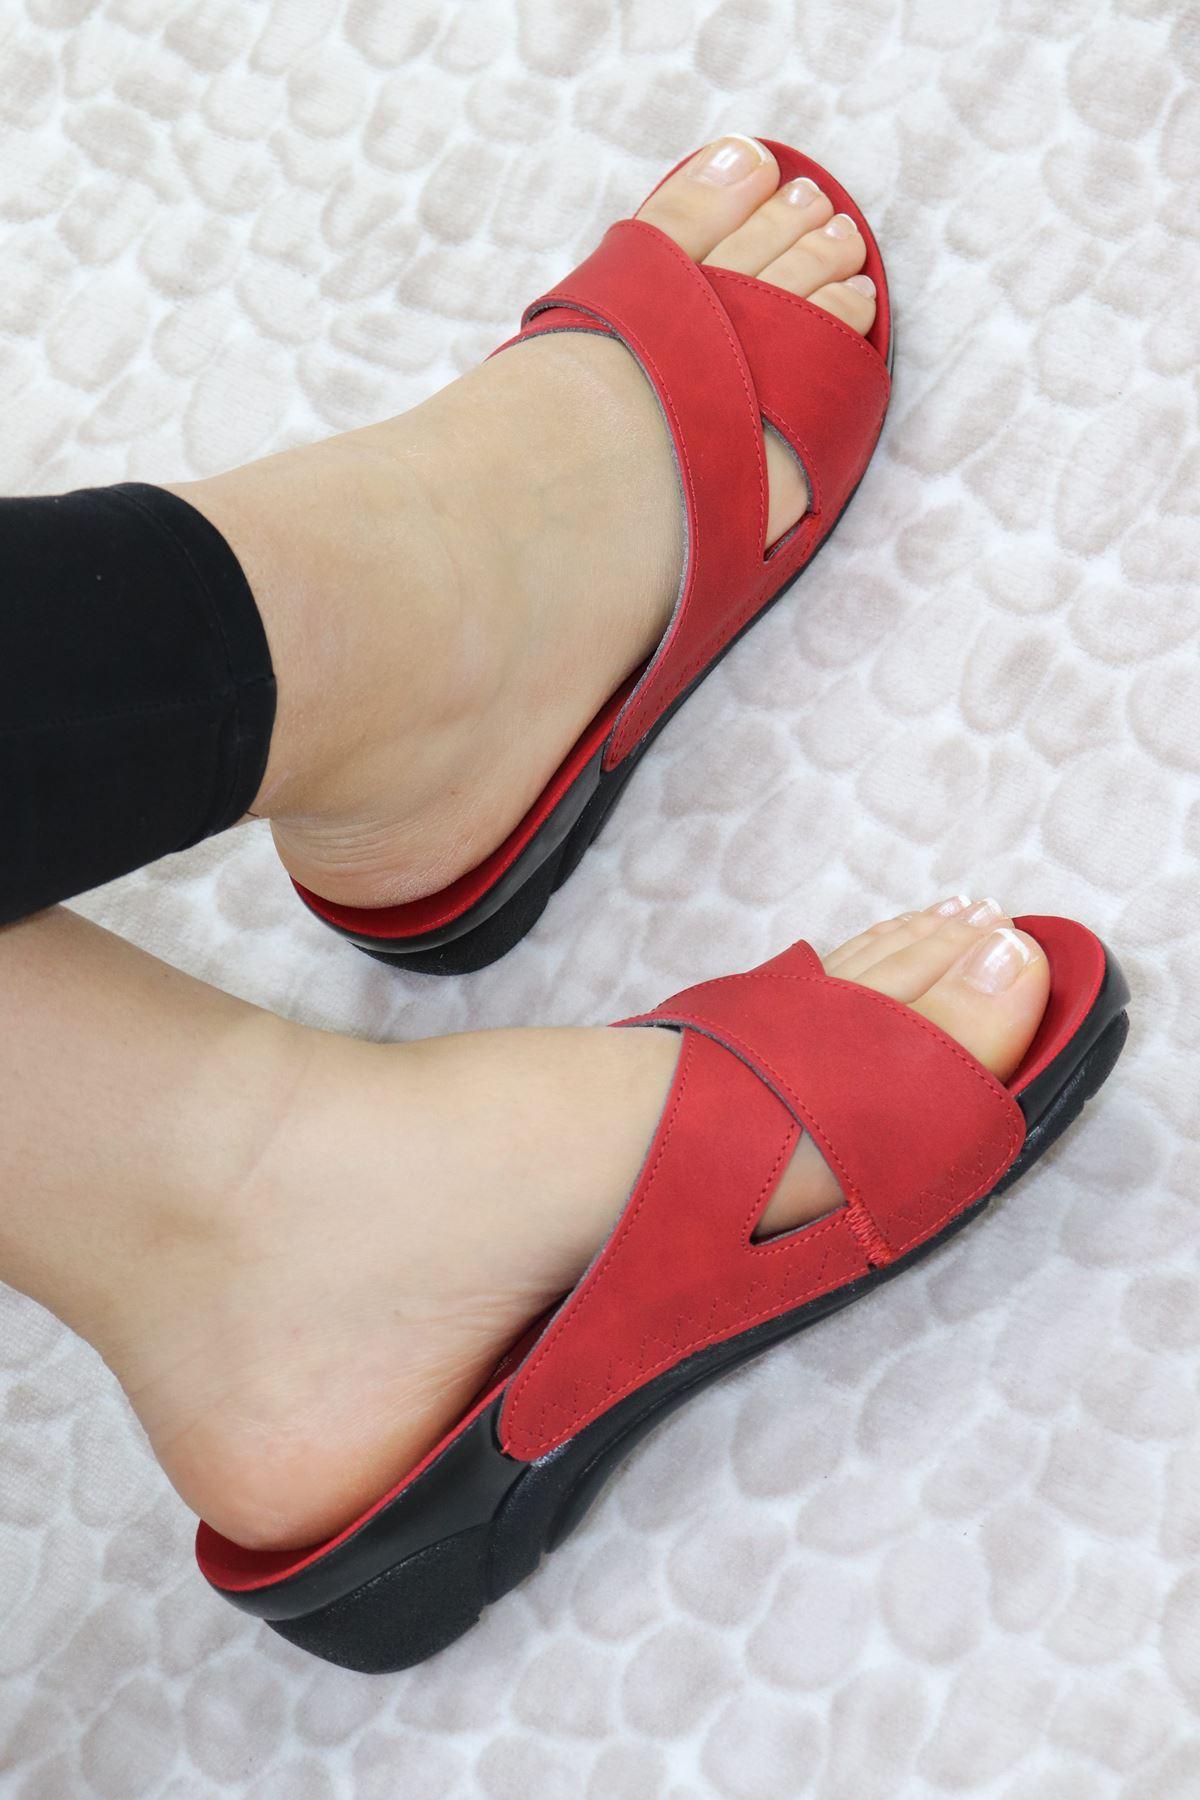 Ceyo - Venedik 9 Kırmızı Ortopedik Kadın Terlik